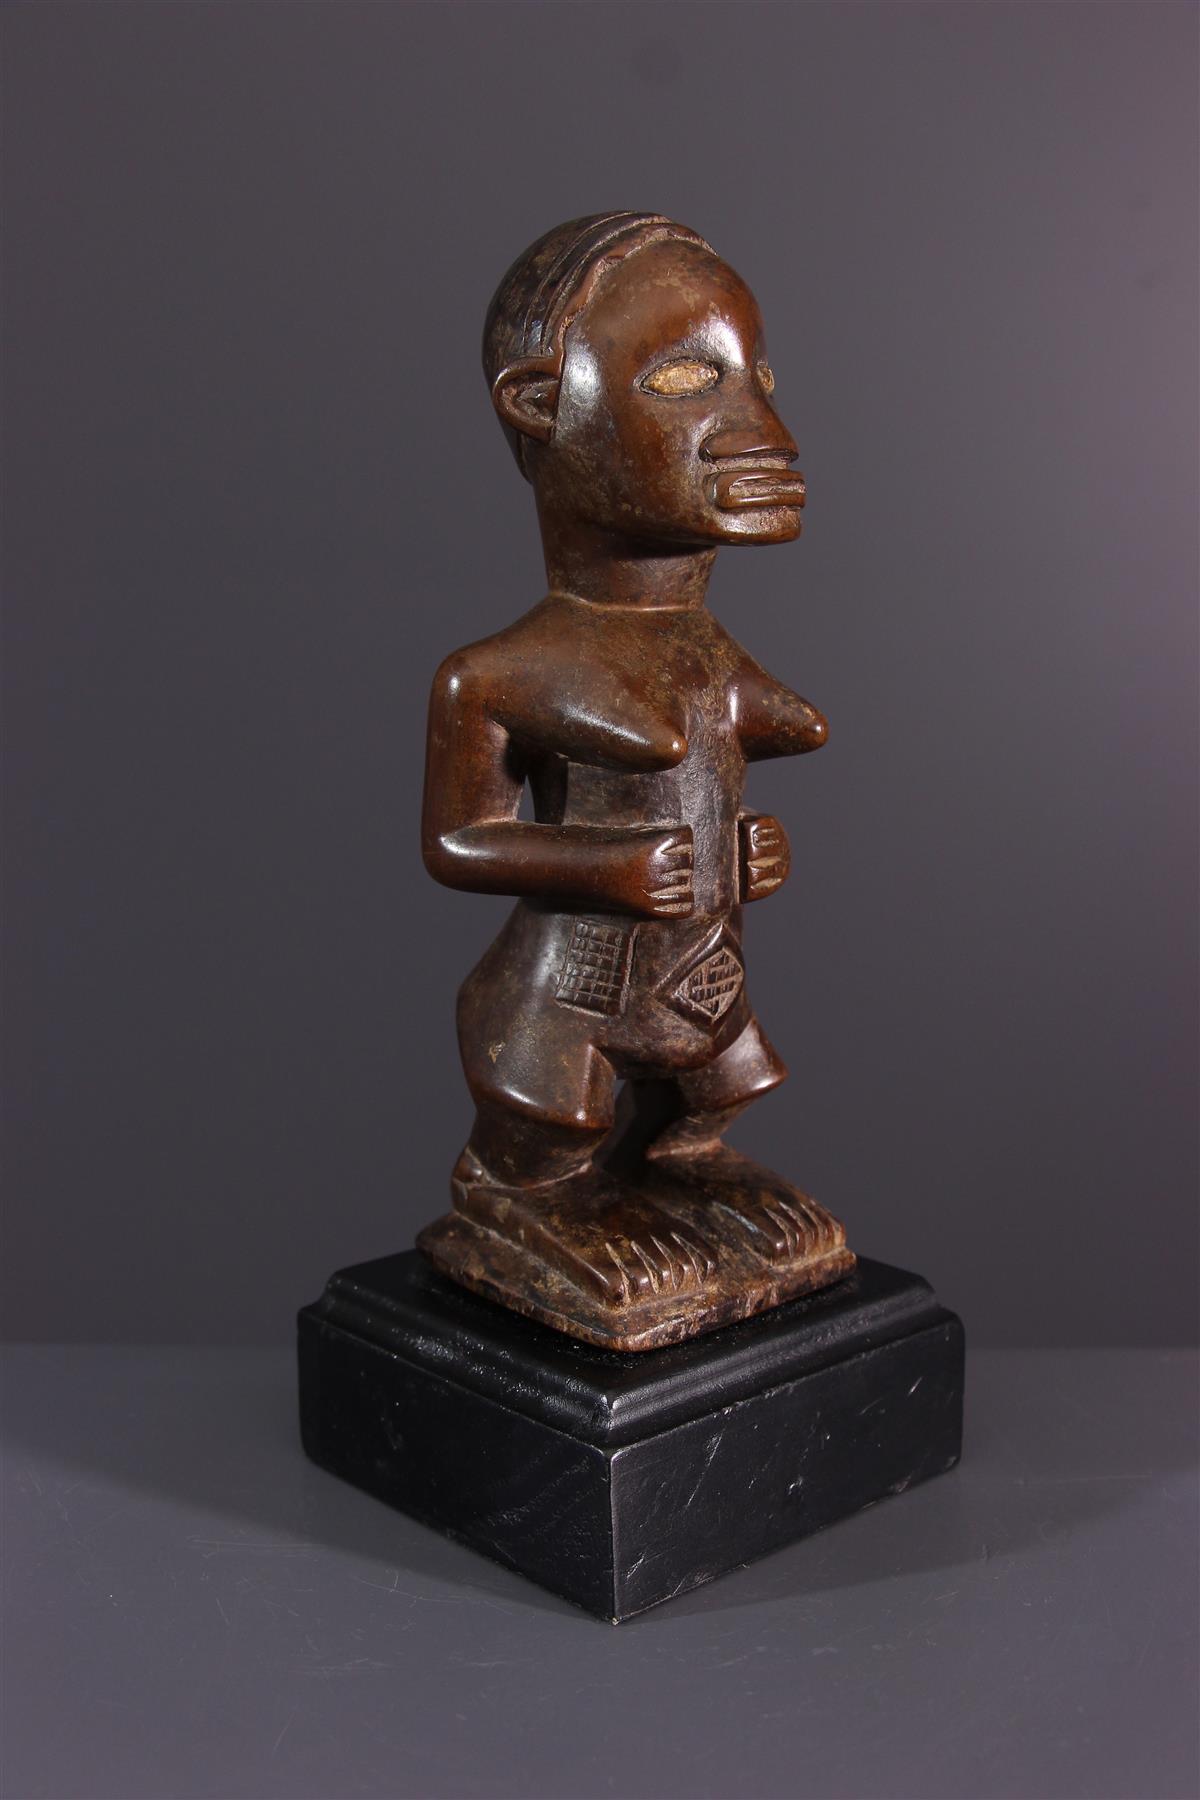 Fetish Bembe - Tribal art